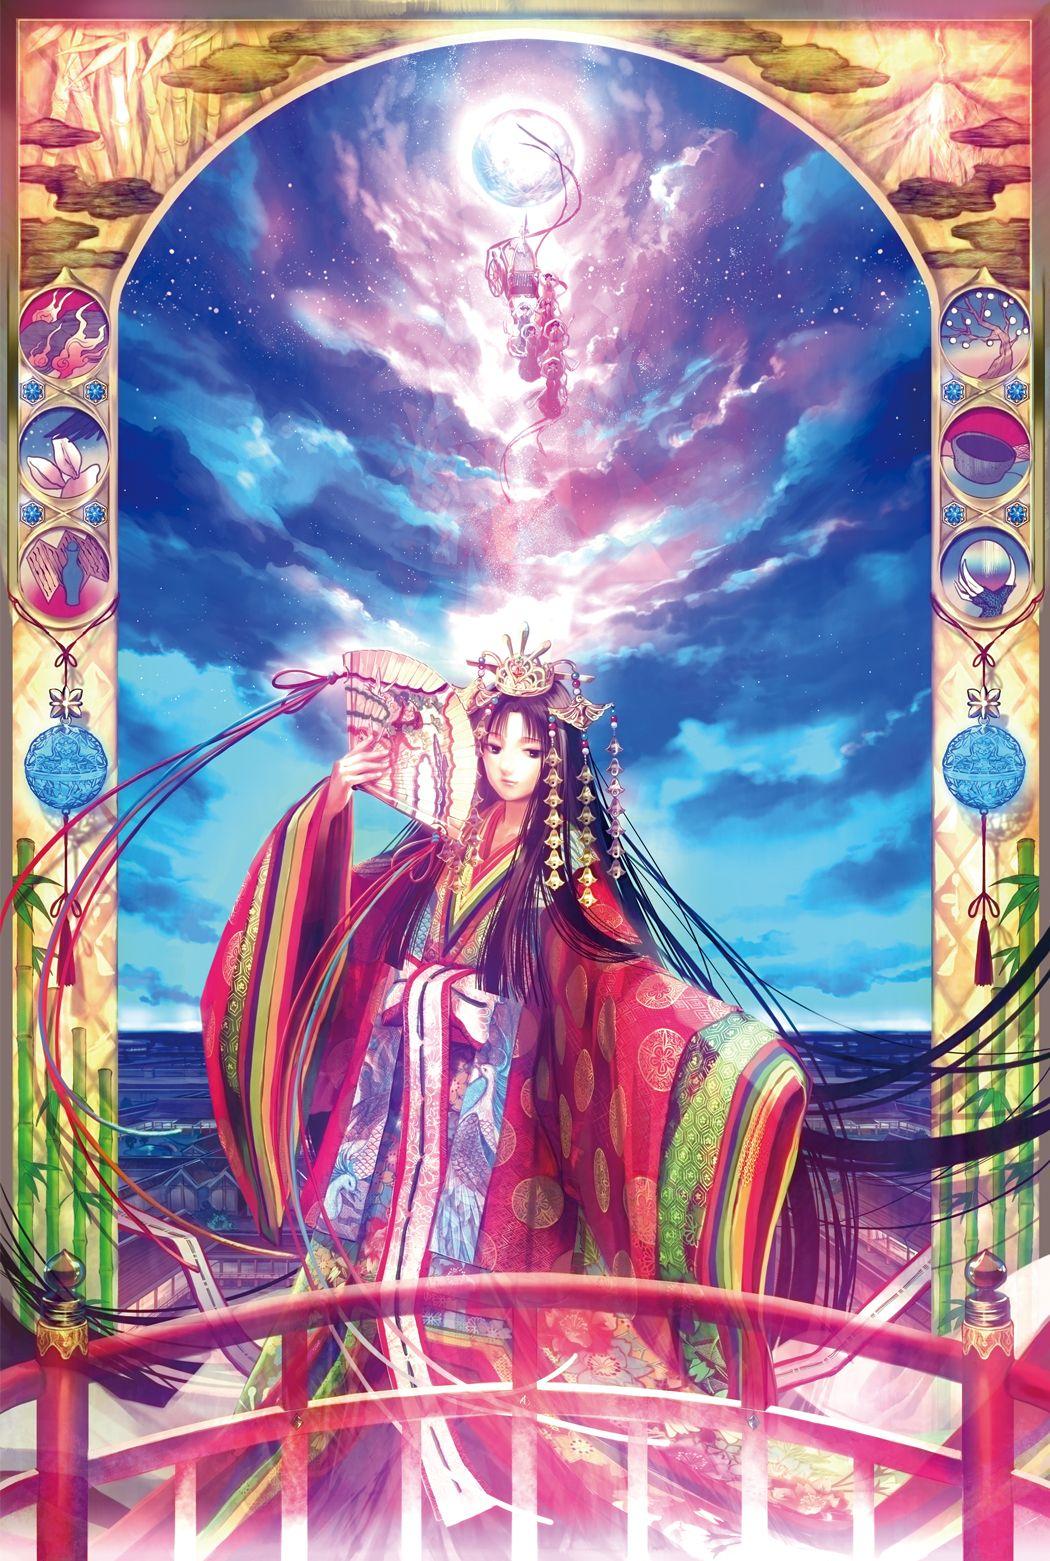 Princess Kaguya Fuji choko Nghệ thuật ảo ảnh, Cô gái